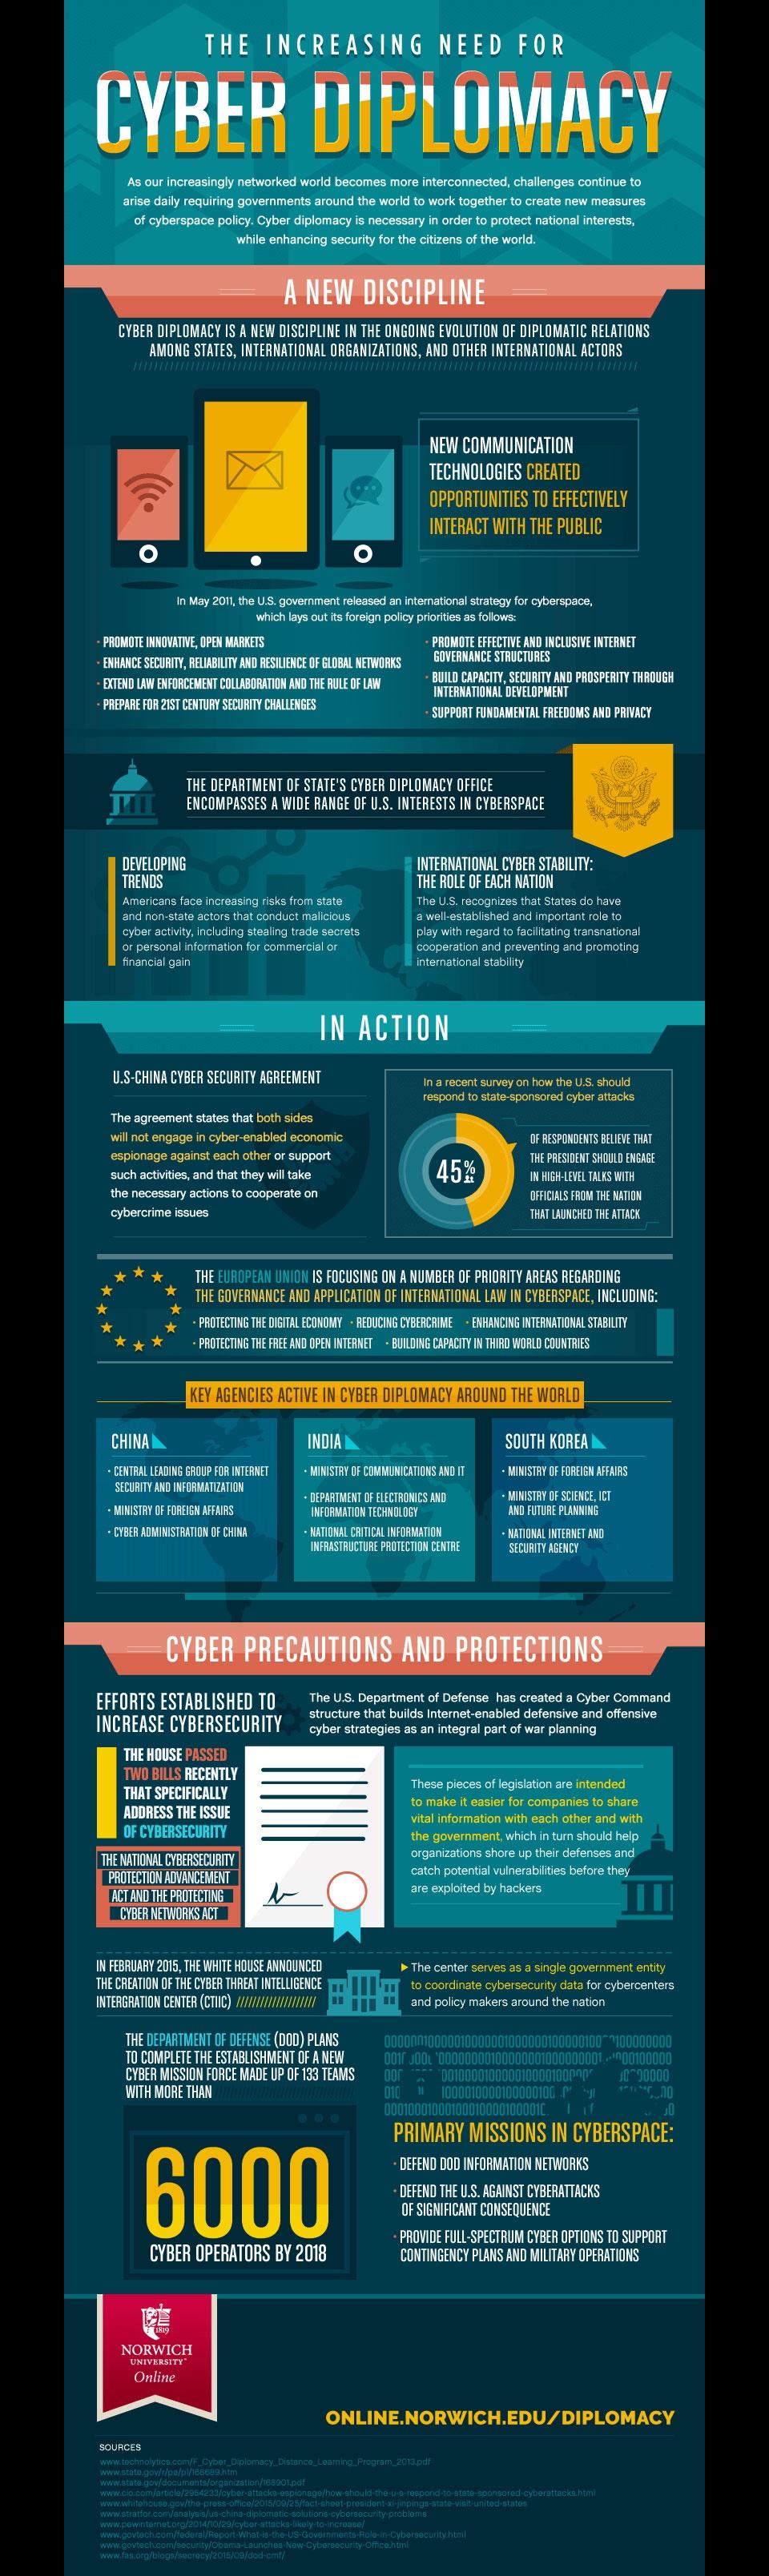 cyberdiplomacy infographic image